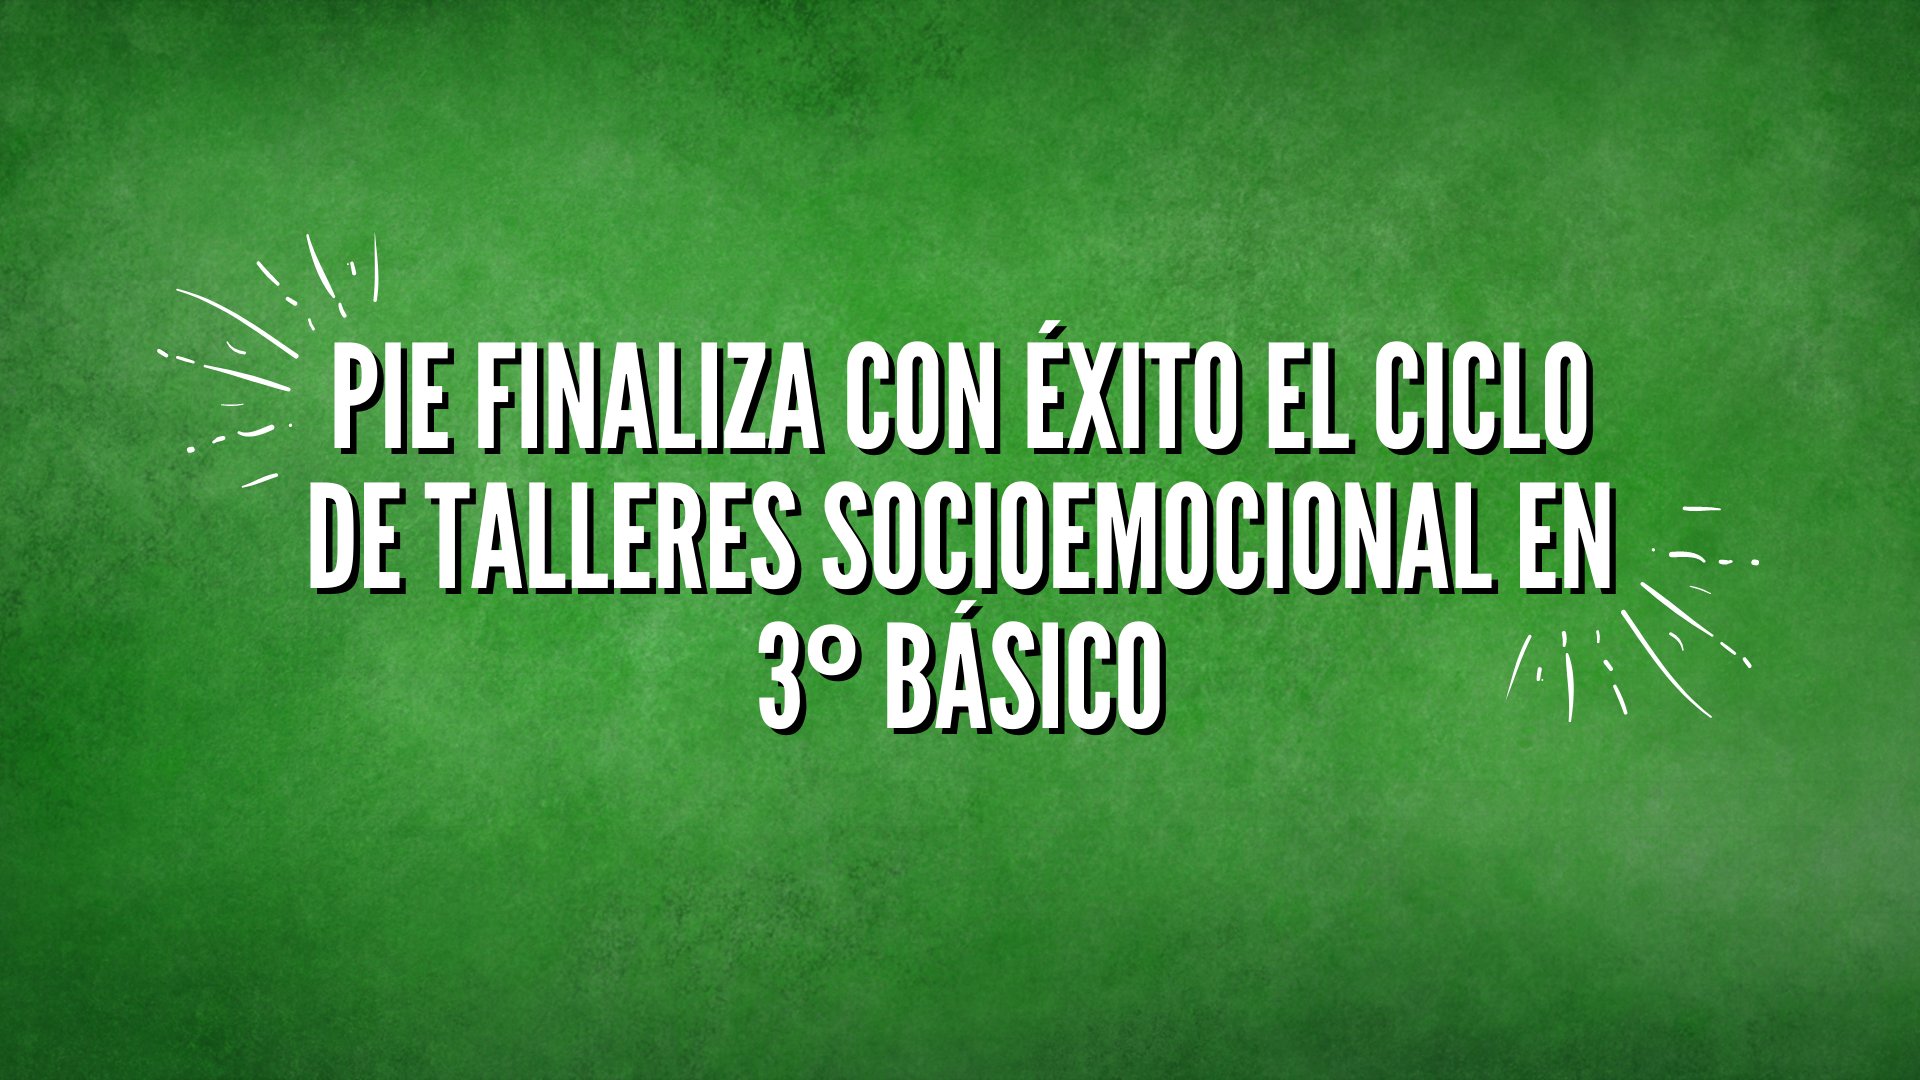 PIE FINALIZA CON ÉXITO EL CICLO DE TALLERES SOCIOEMOCIONAL EN 3º BÁSICO